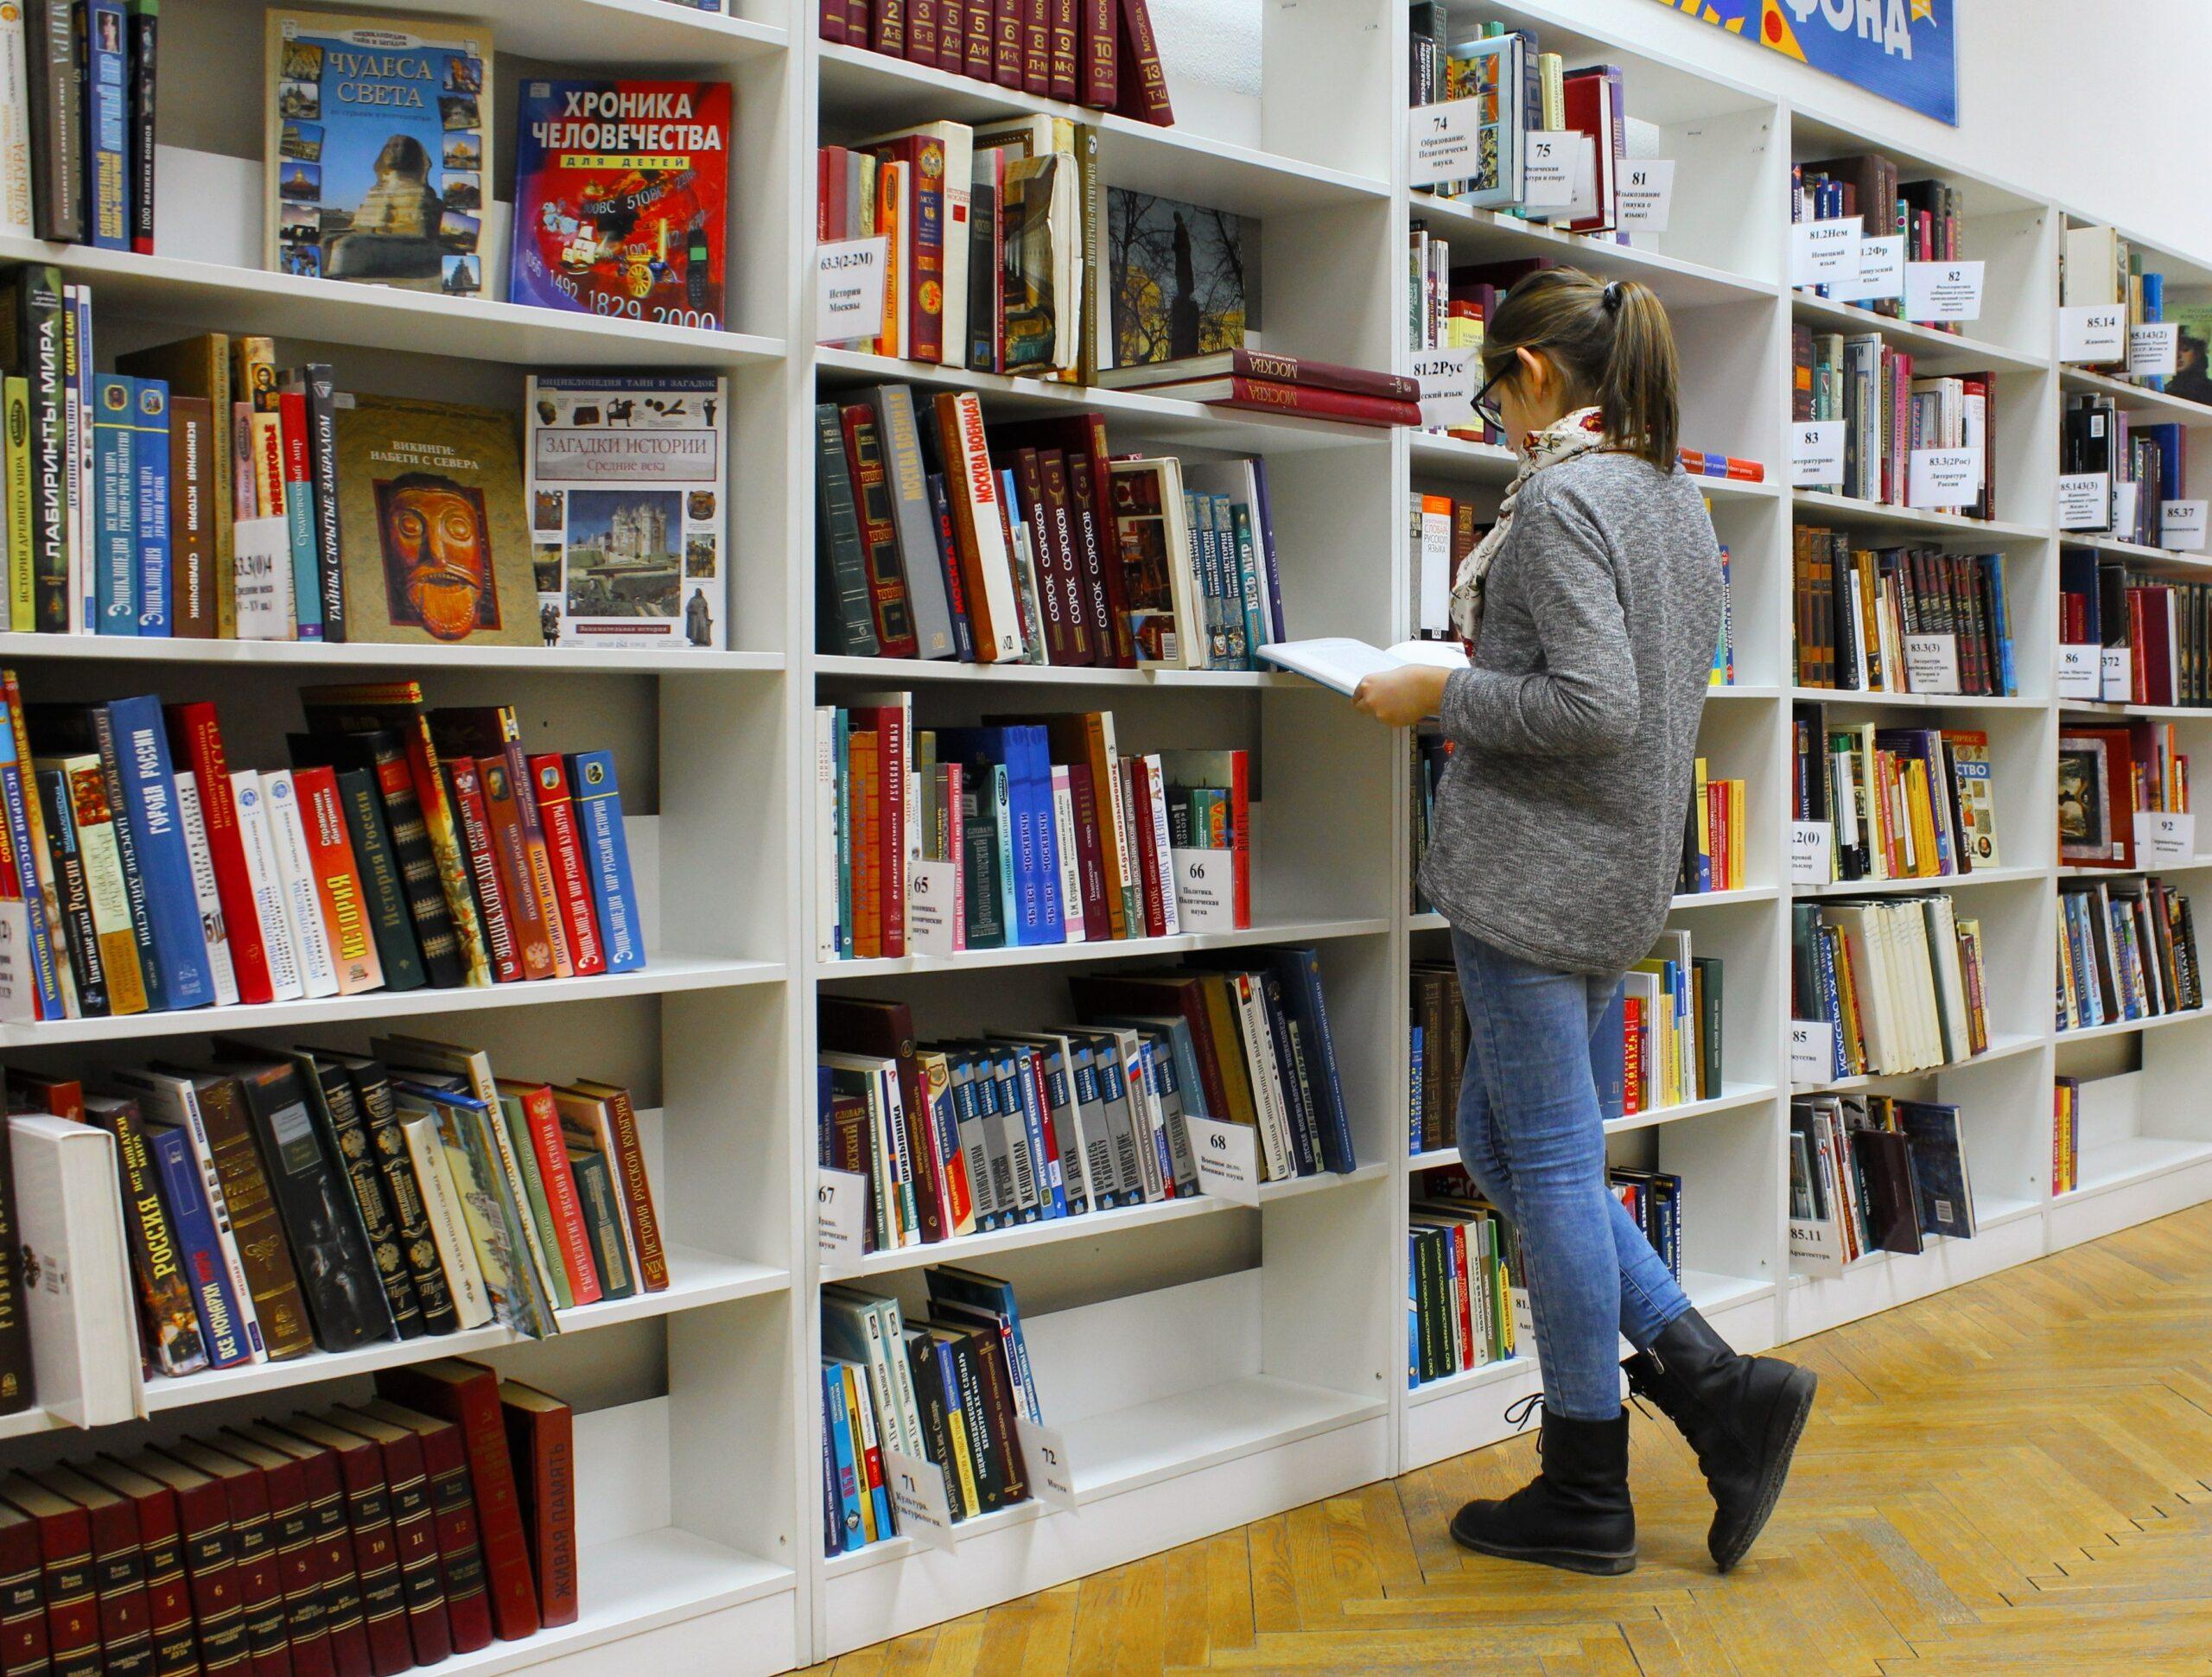 ragazza davanti alla libreria